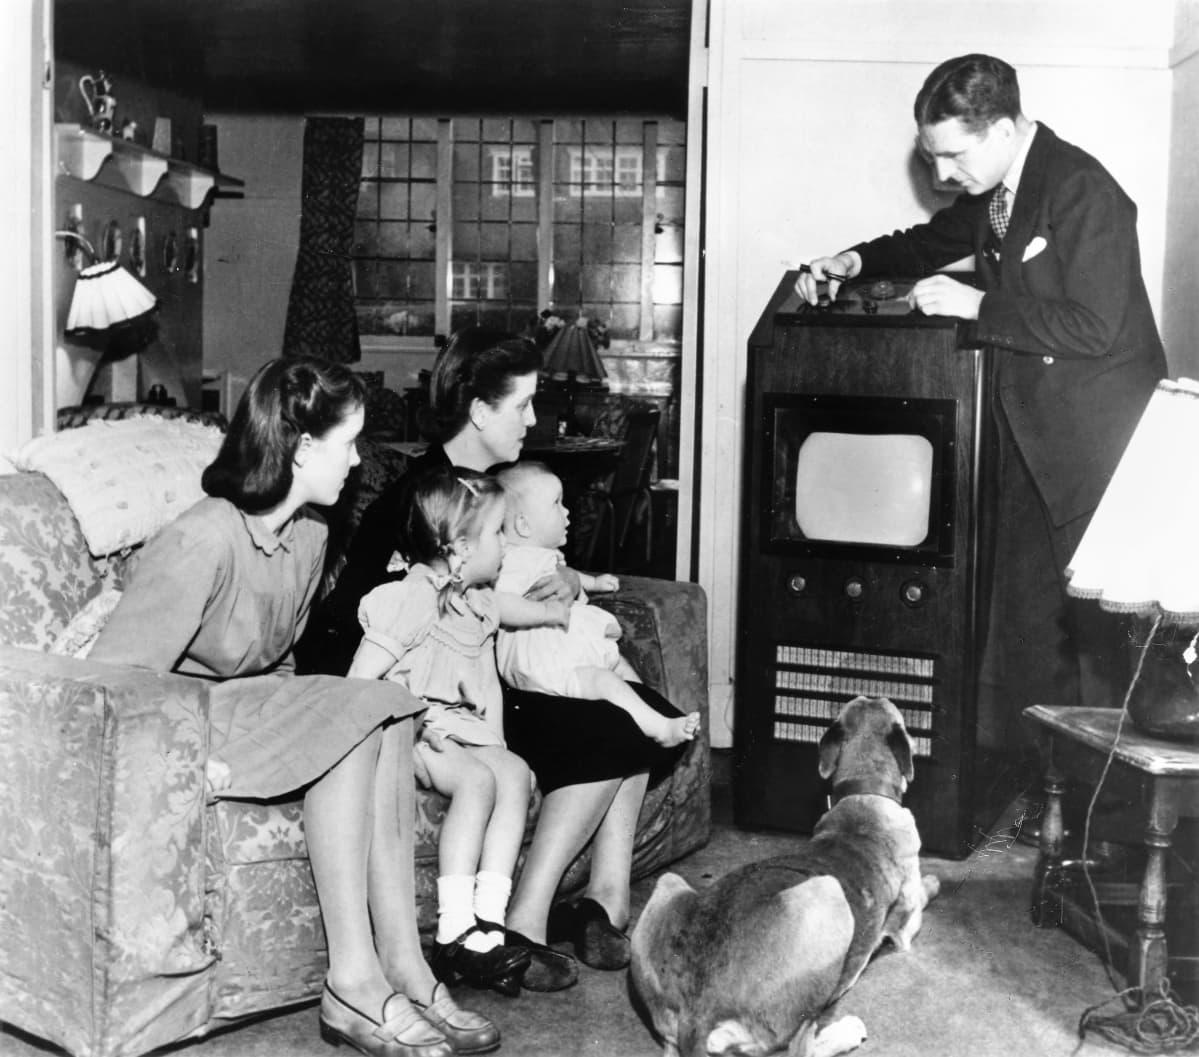 Mustavalkokuvassa perhe katsoo televisiota. Äiti vauva sylissään ja kaksi tytärtä istuu sohvalla, koira makaa lattialla ja perheenisä säätää televisiovastaanotinta.